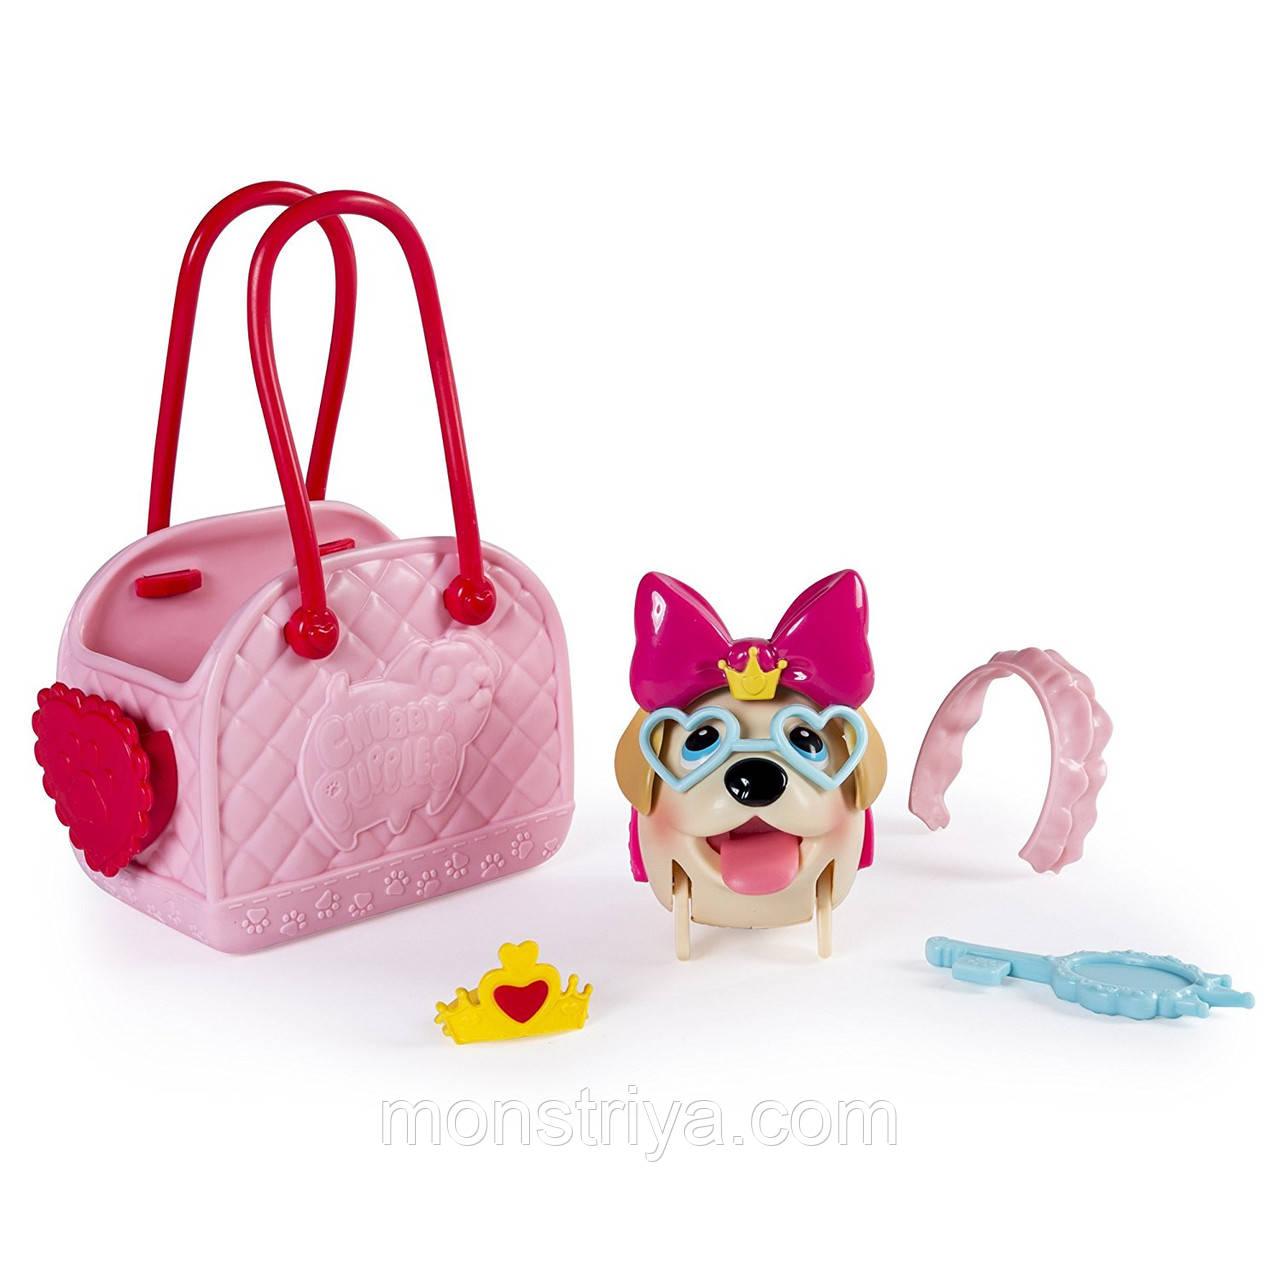 Набор Chubby Puppies Упитанные собачки Лабрадор с сумкой-переноской